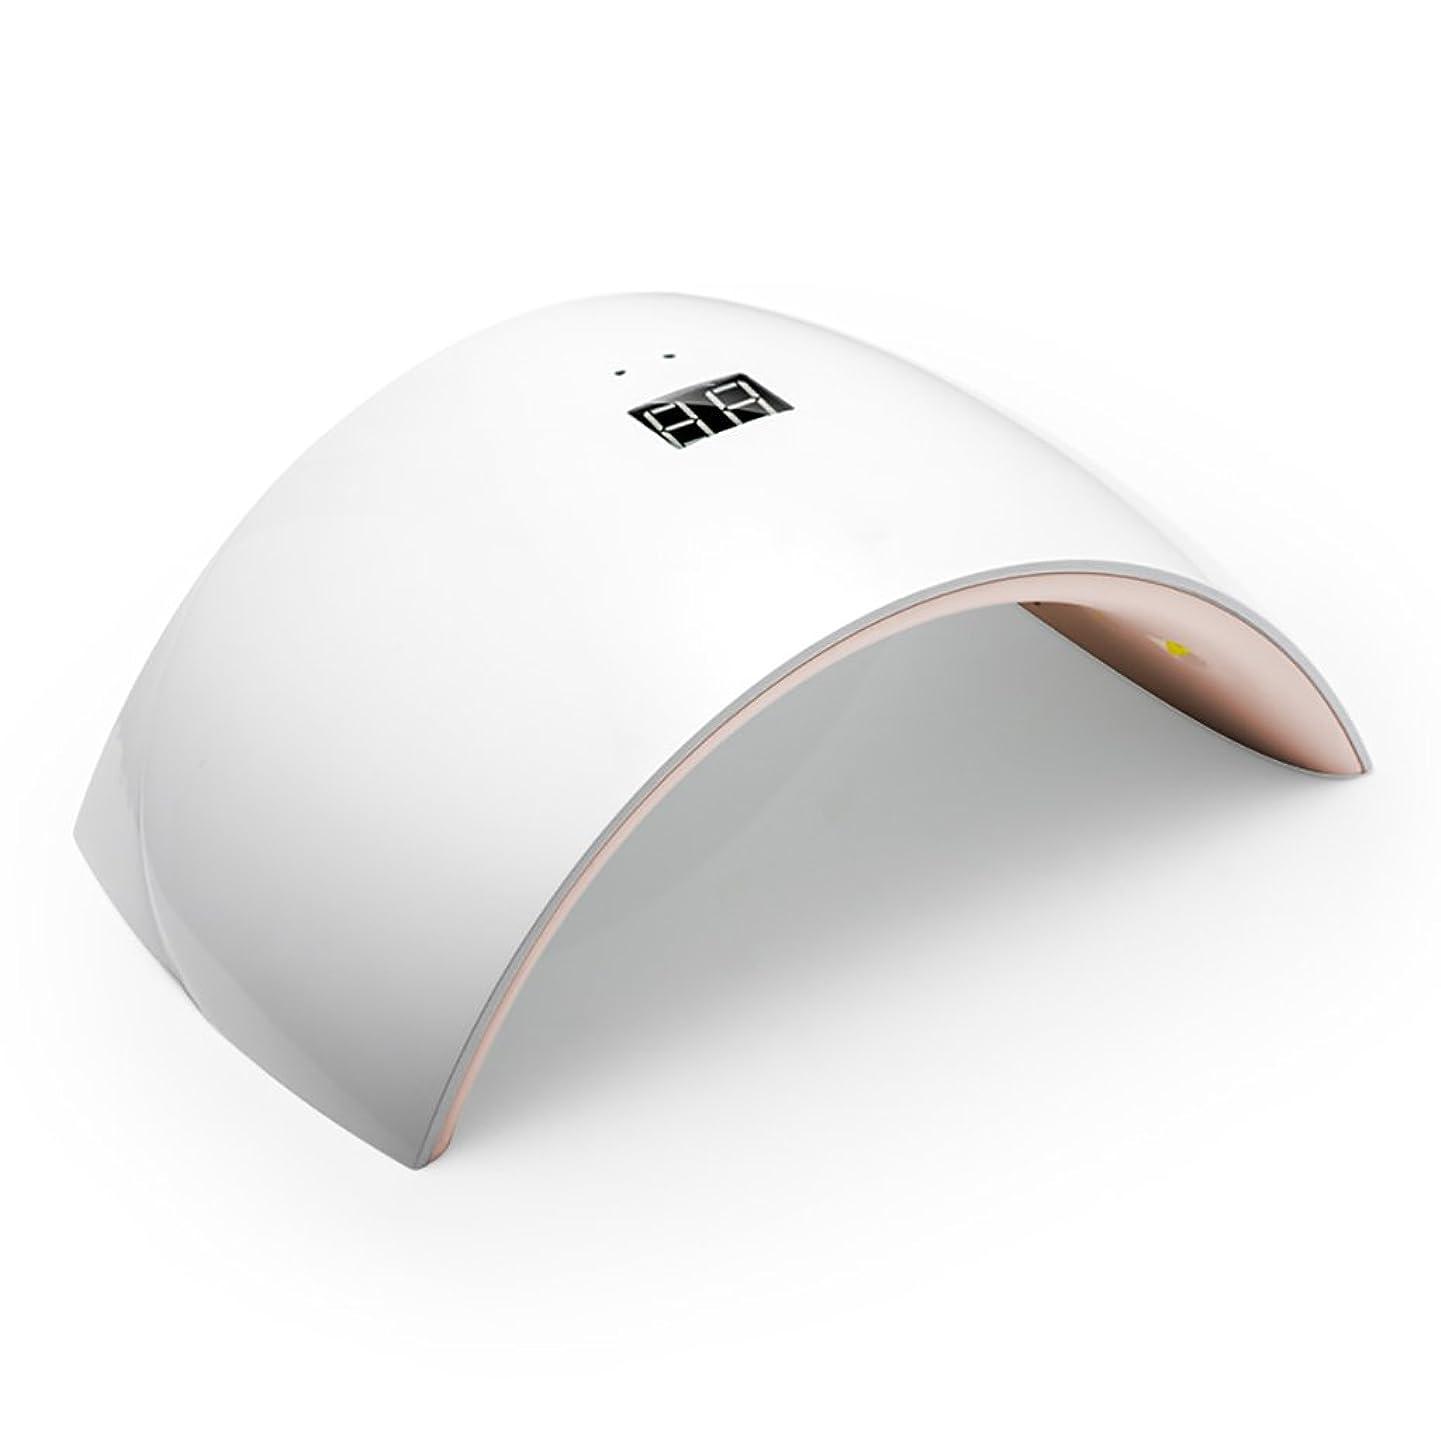 突っ込む差別的コカインネイル光線療法機 ネイルドライヤー - ネイル光線療法LEDセンサーネイルジェルジェル光線療法ランプ焼きランプ乾燥ランプ